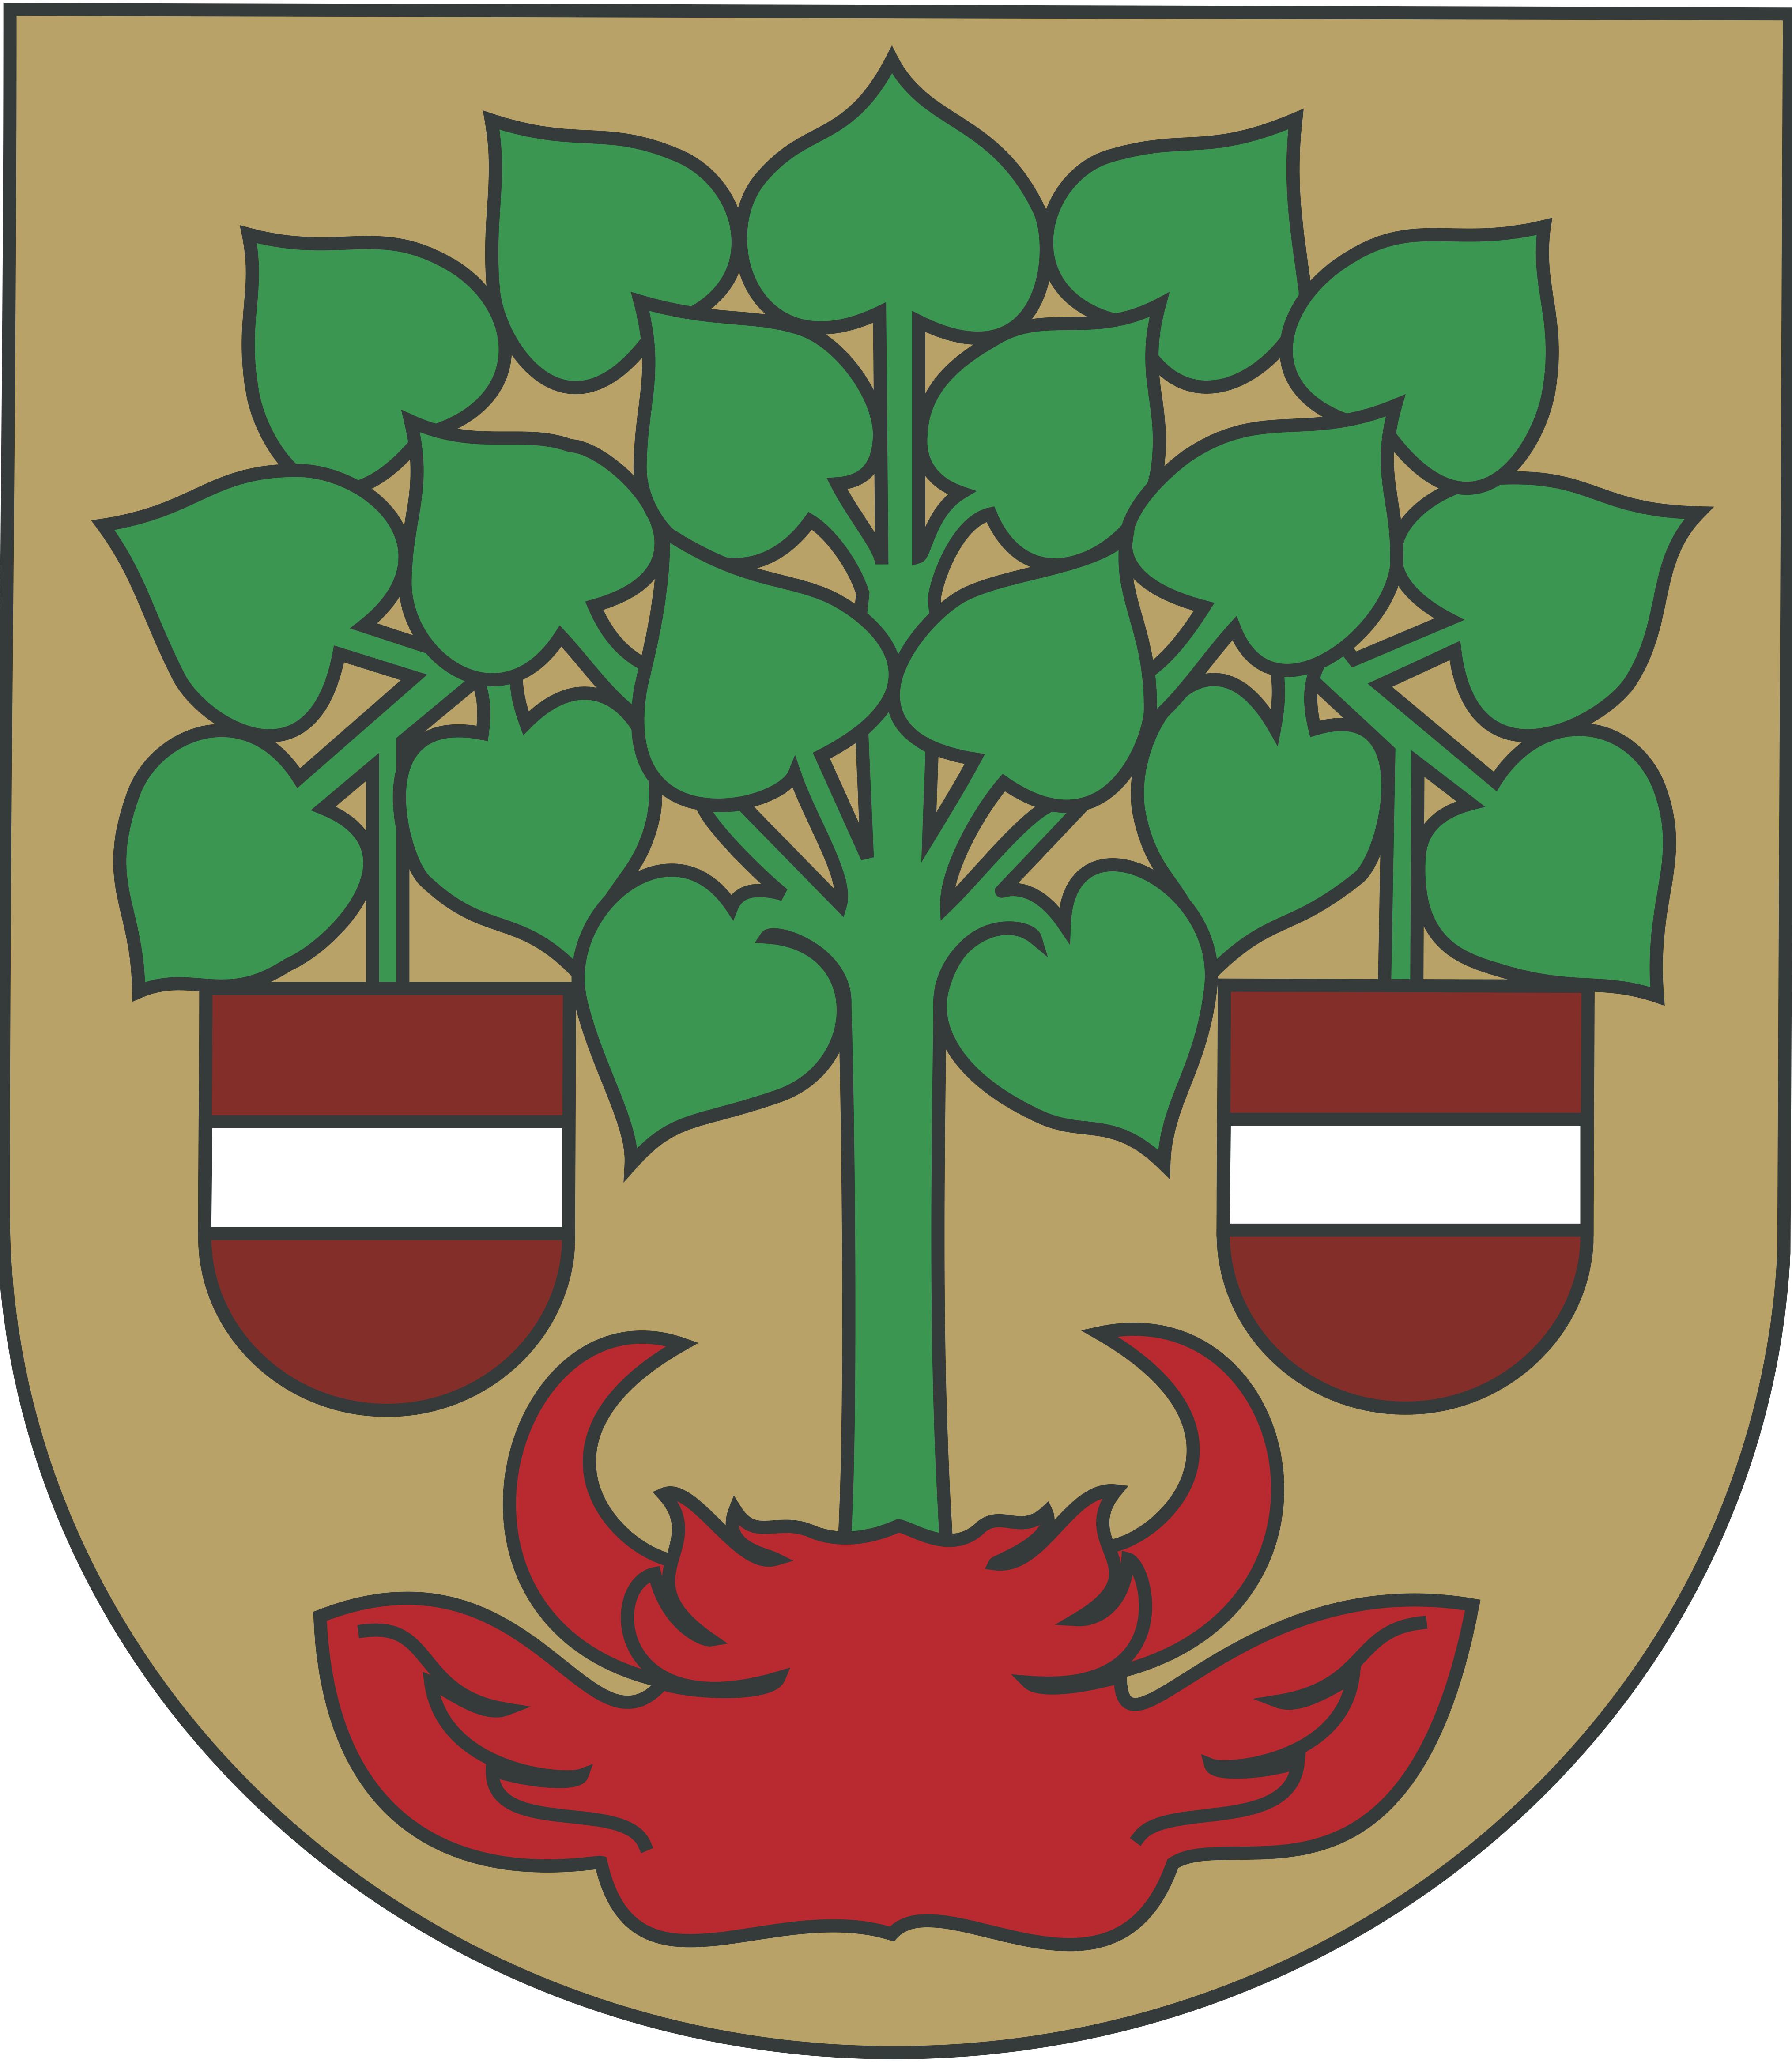 Gerbonis